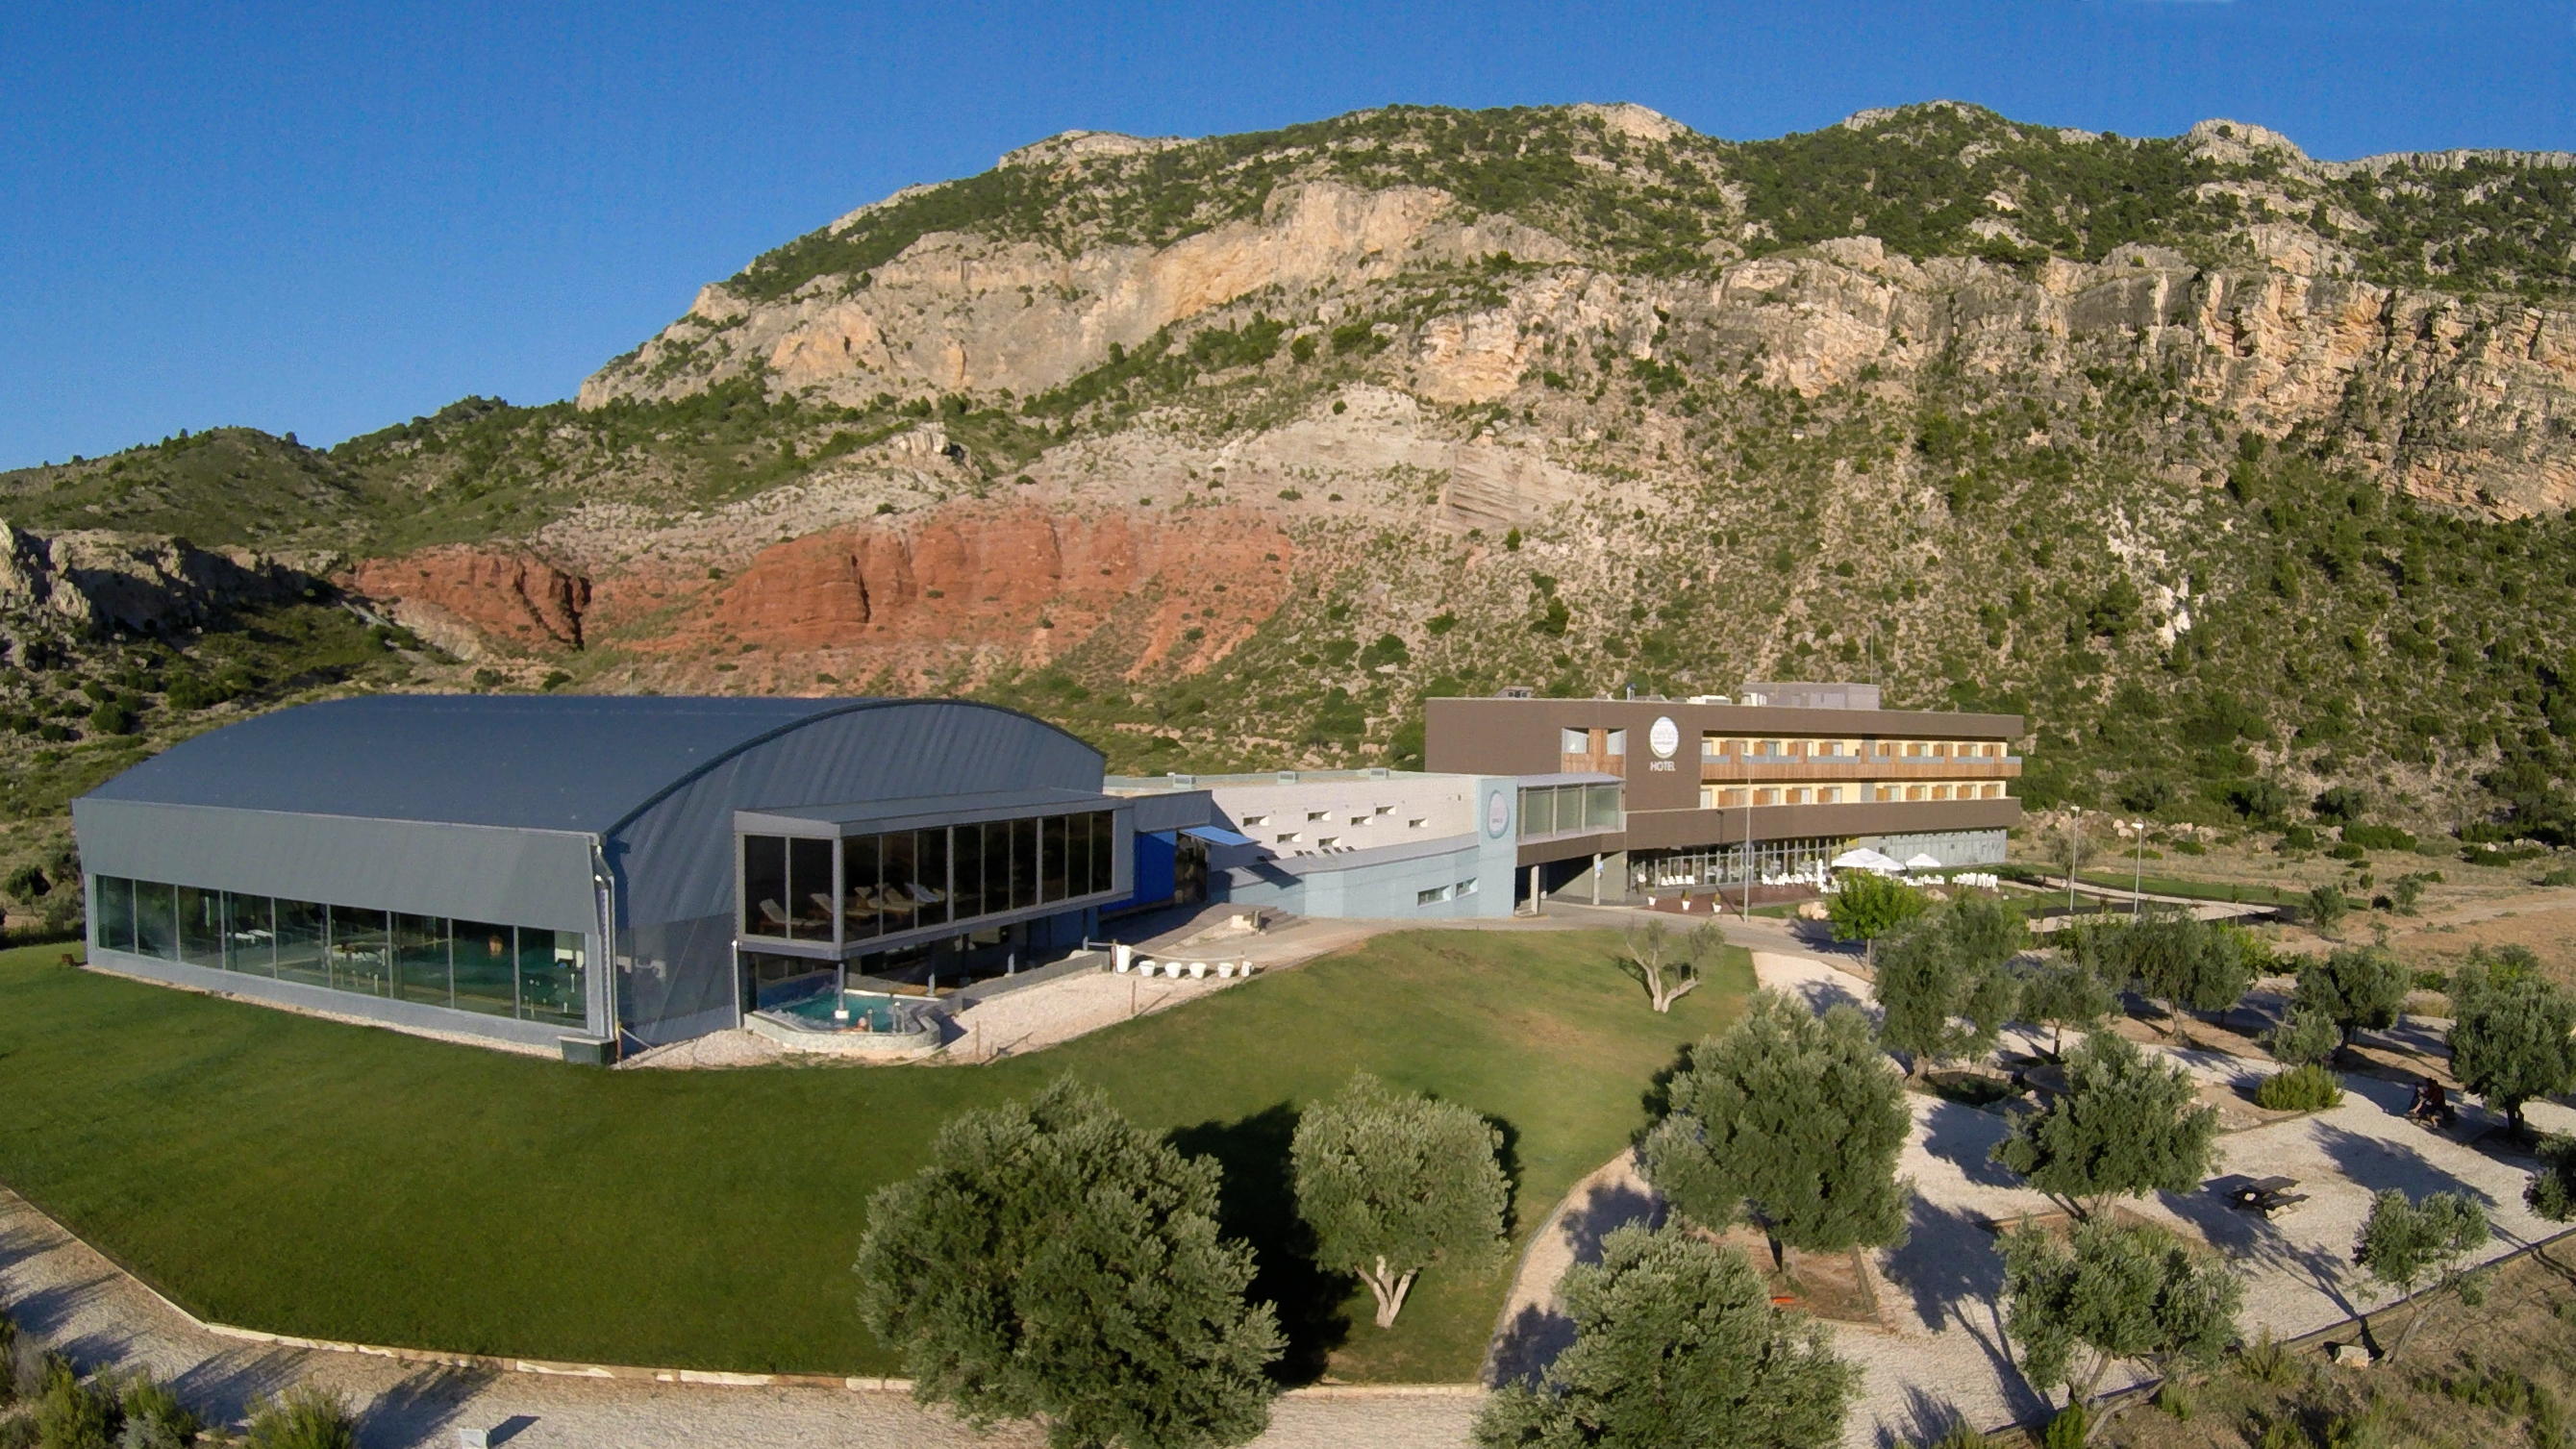 HOTEL BALNEARIO DE ARIÑO - TERUEL  Hotel  Ariño, Teruel Andorra-Sierra de Arcos